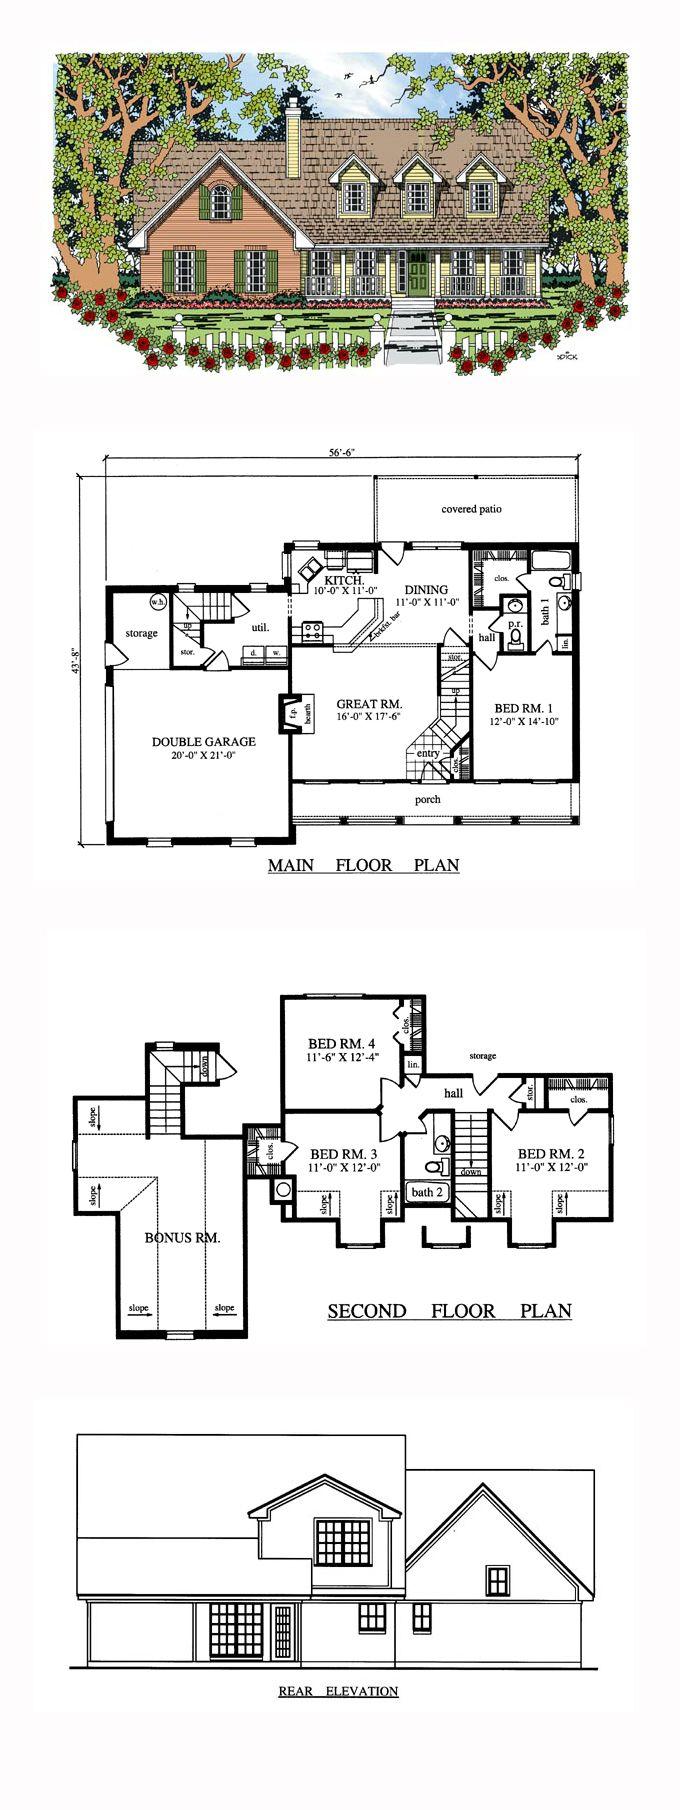 53 best Cape Cod House Plans images on Pinterest | Cape cod houses ...